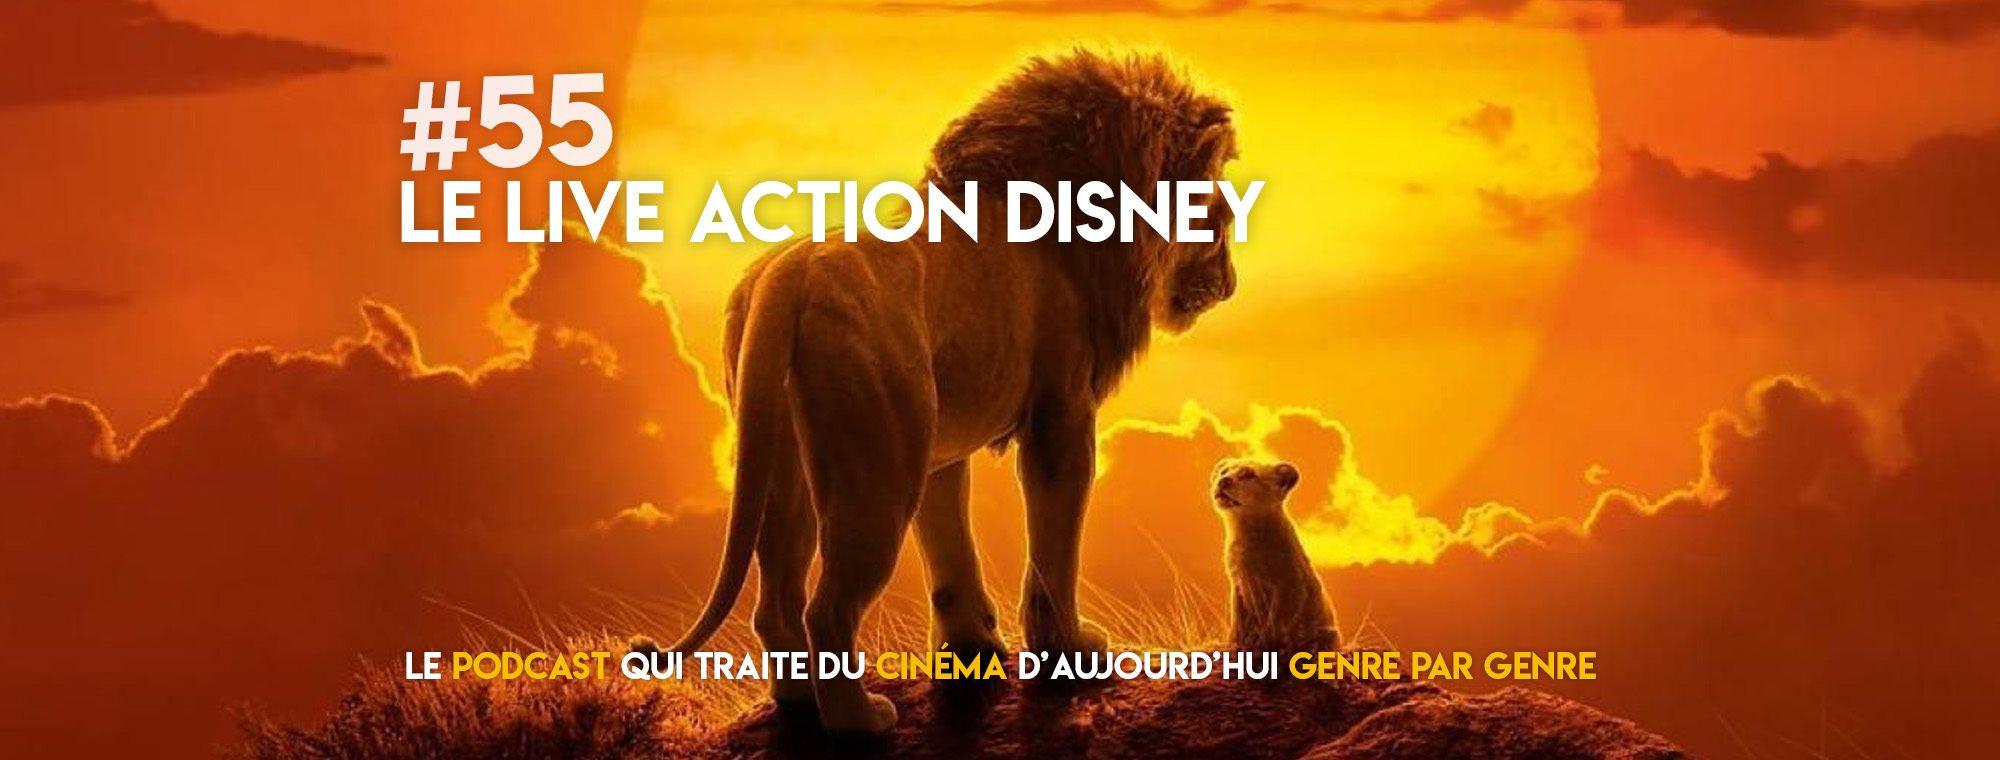 Parlons Péloches - #55 Le Live action Disney